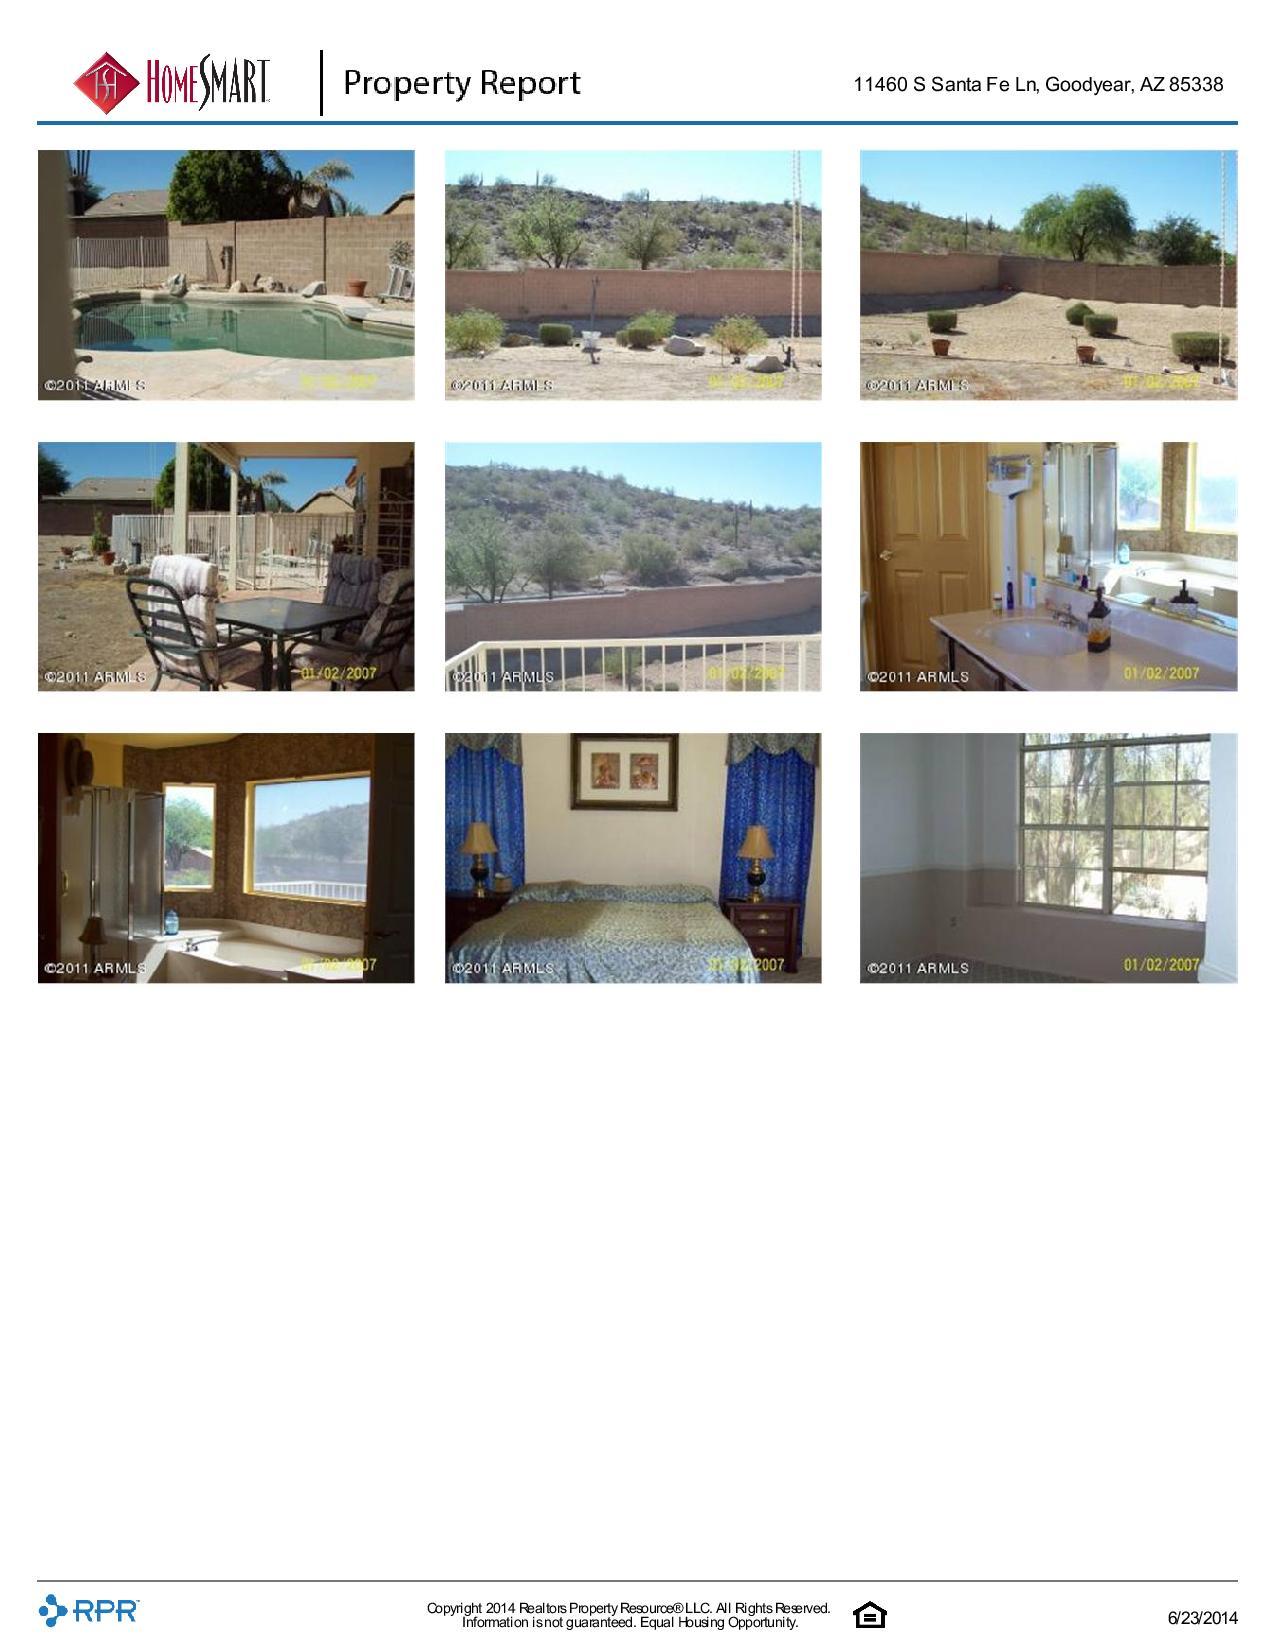 11460-S-Santa-Fe-Ln-Goodyear-AZ-85338-page-008